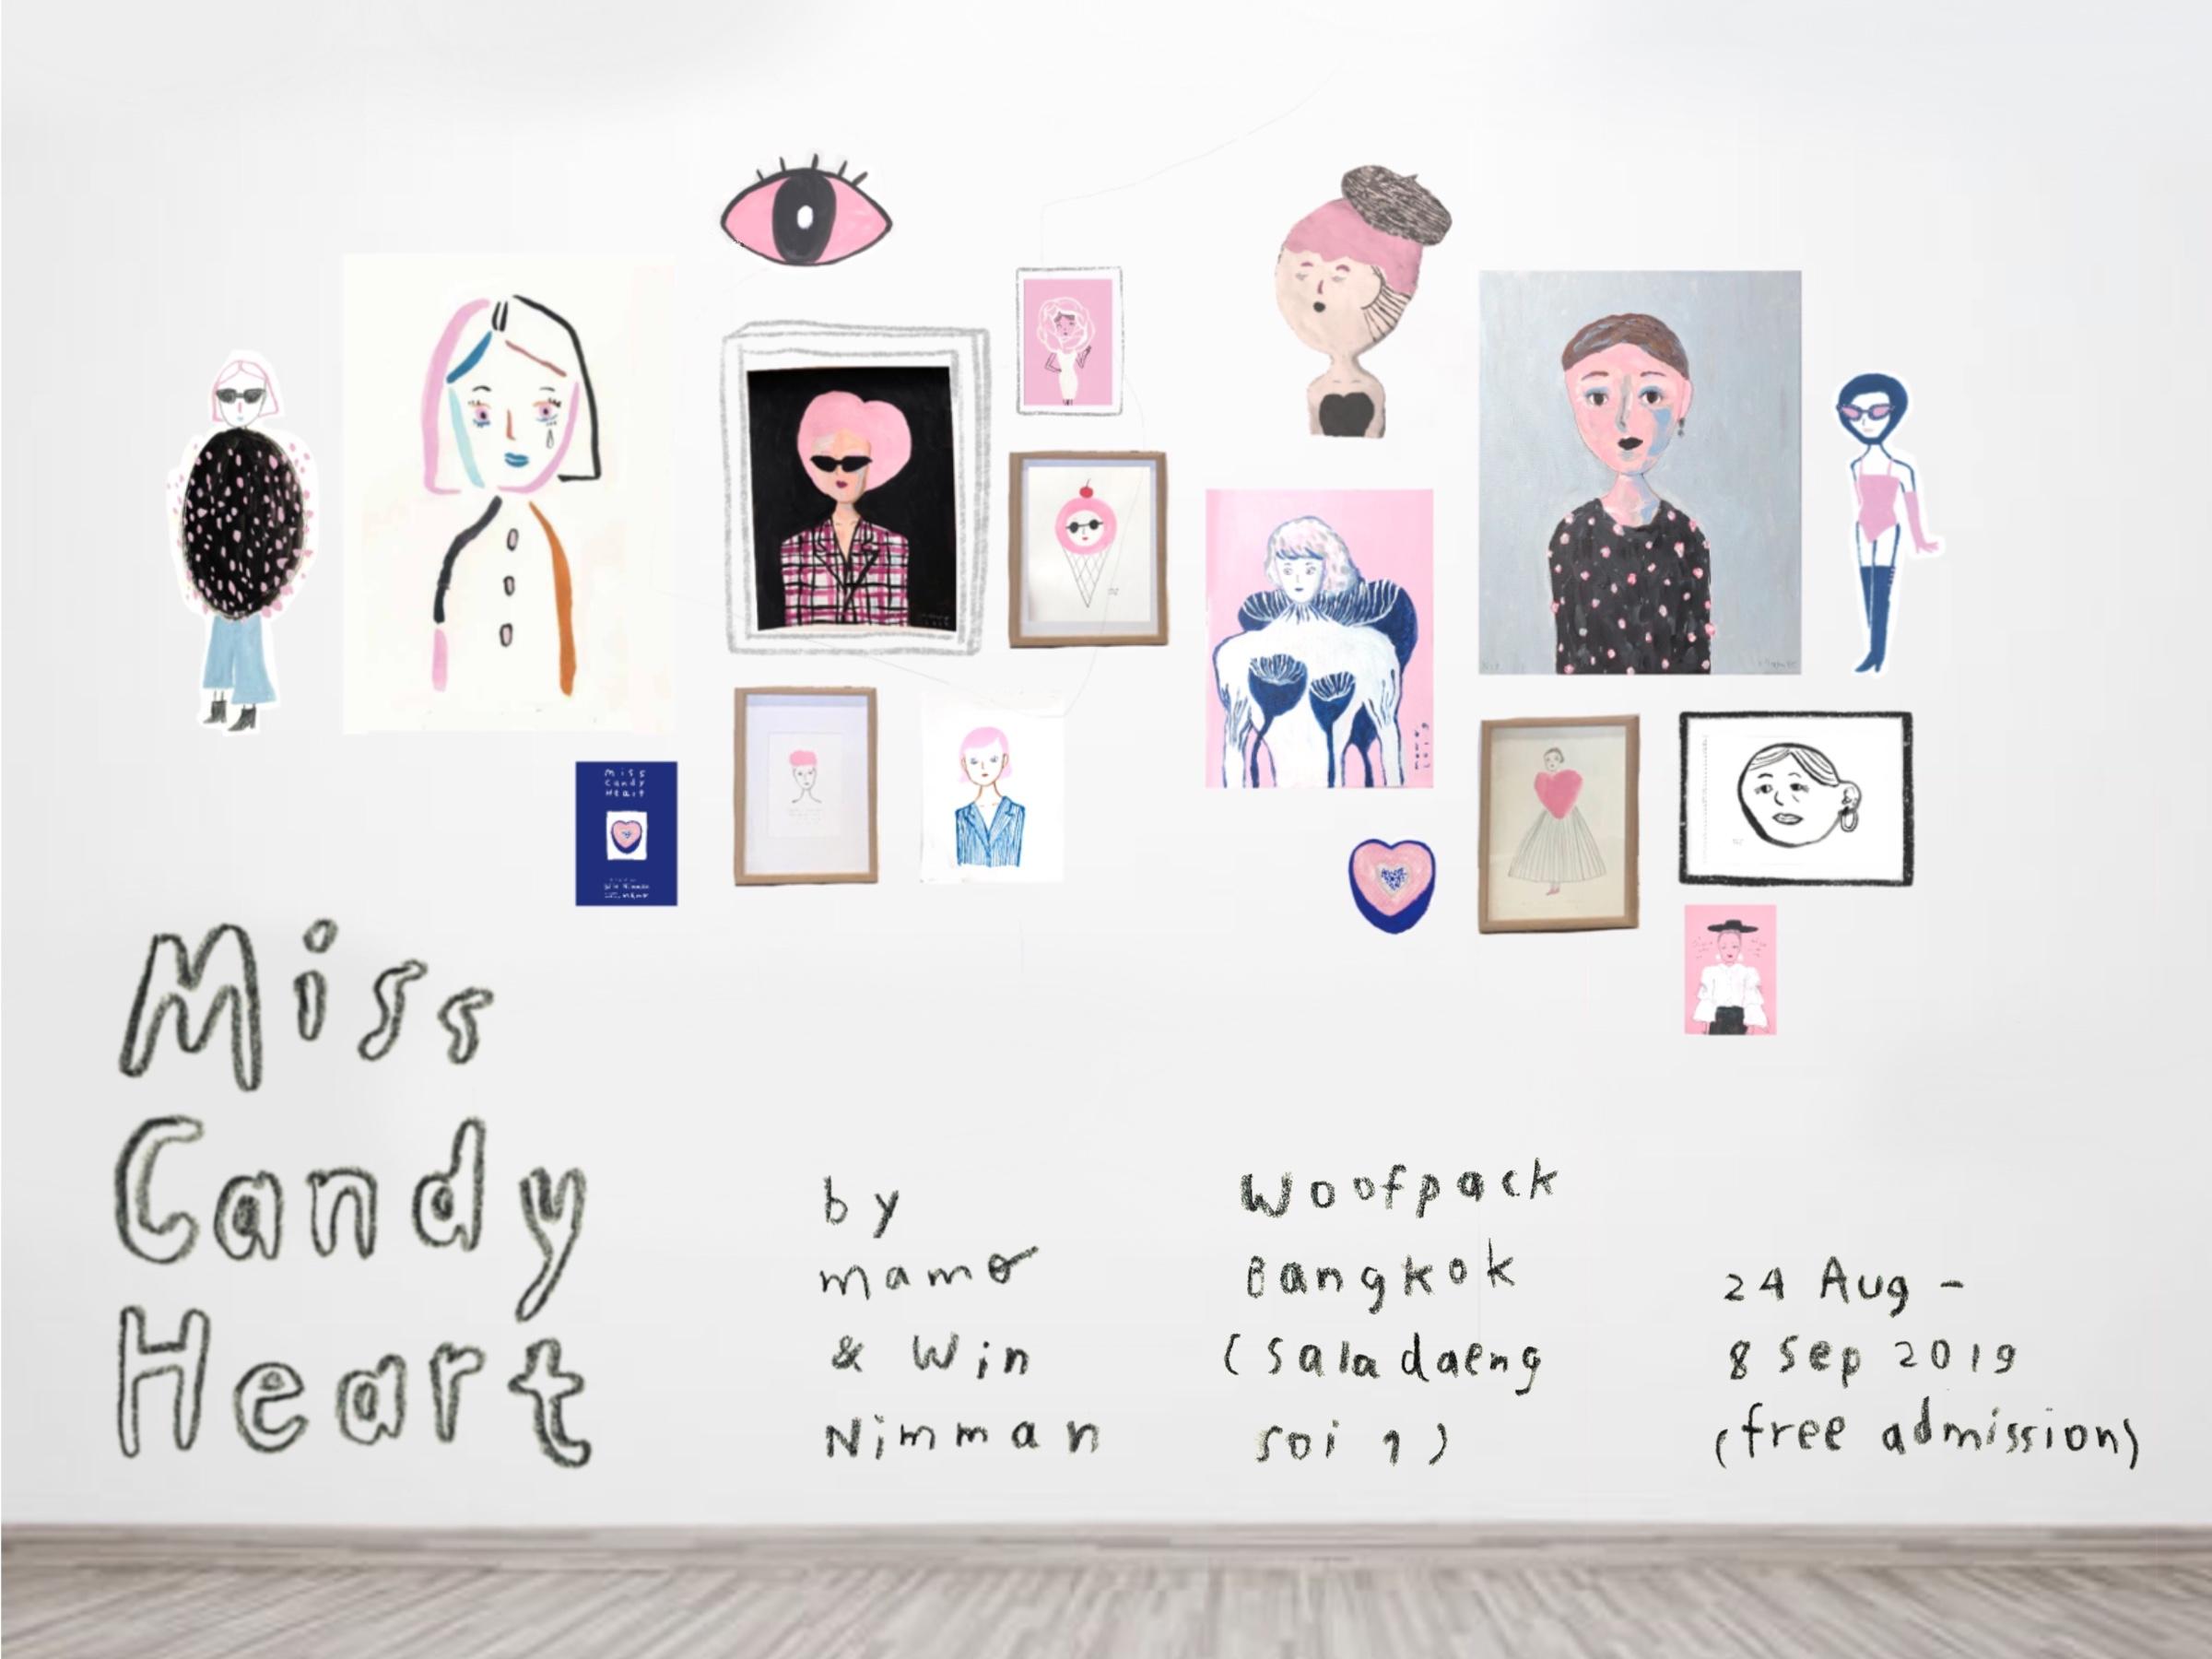 """Miss Candy Heart นิทรรศการให้กำลังใจผู้หญิงของ """"Win Nimman - mamo"""" เริ่ม 24 ส.ค.นี้"""